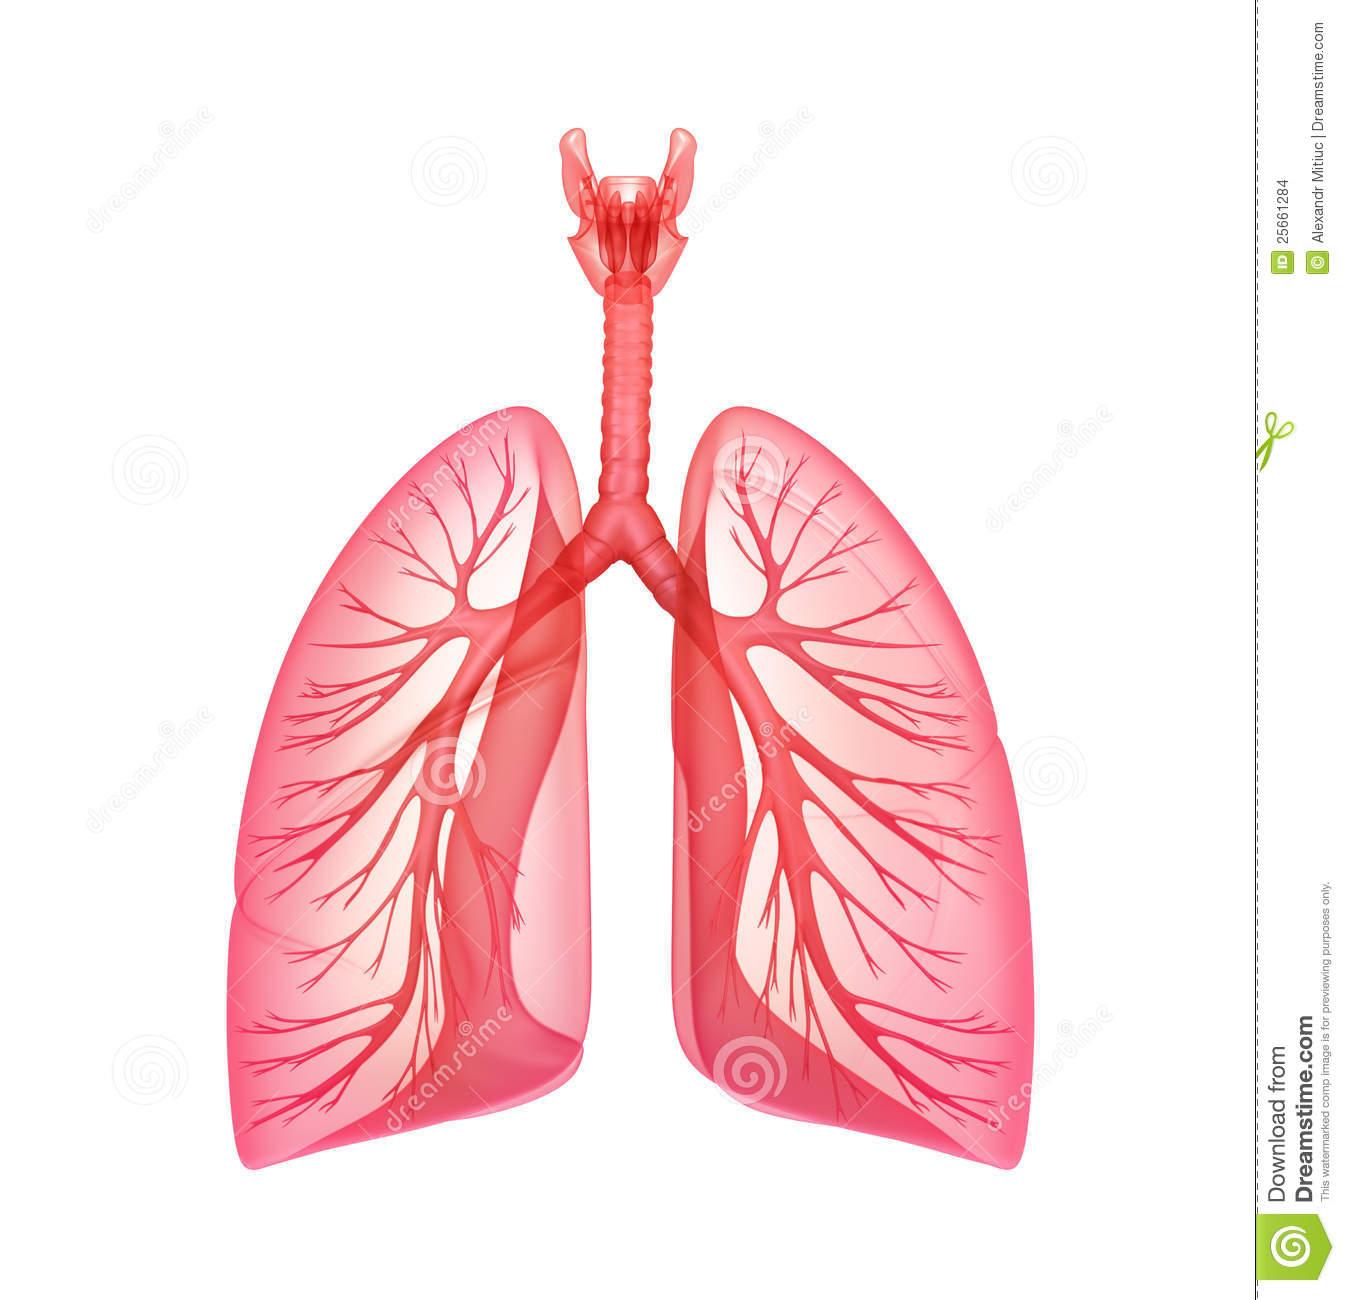 Pulmonary clipart.